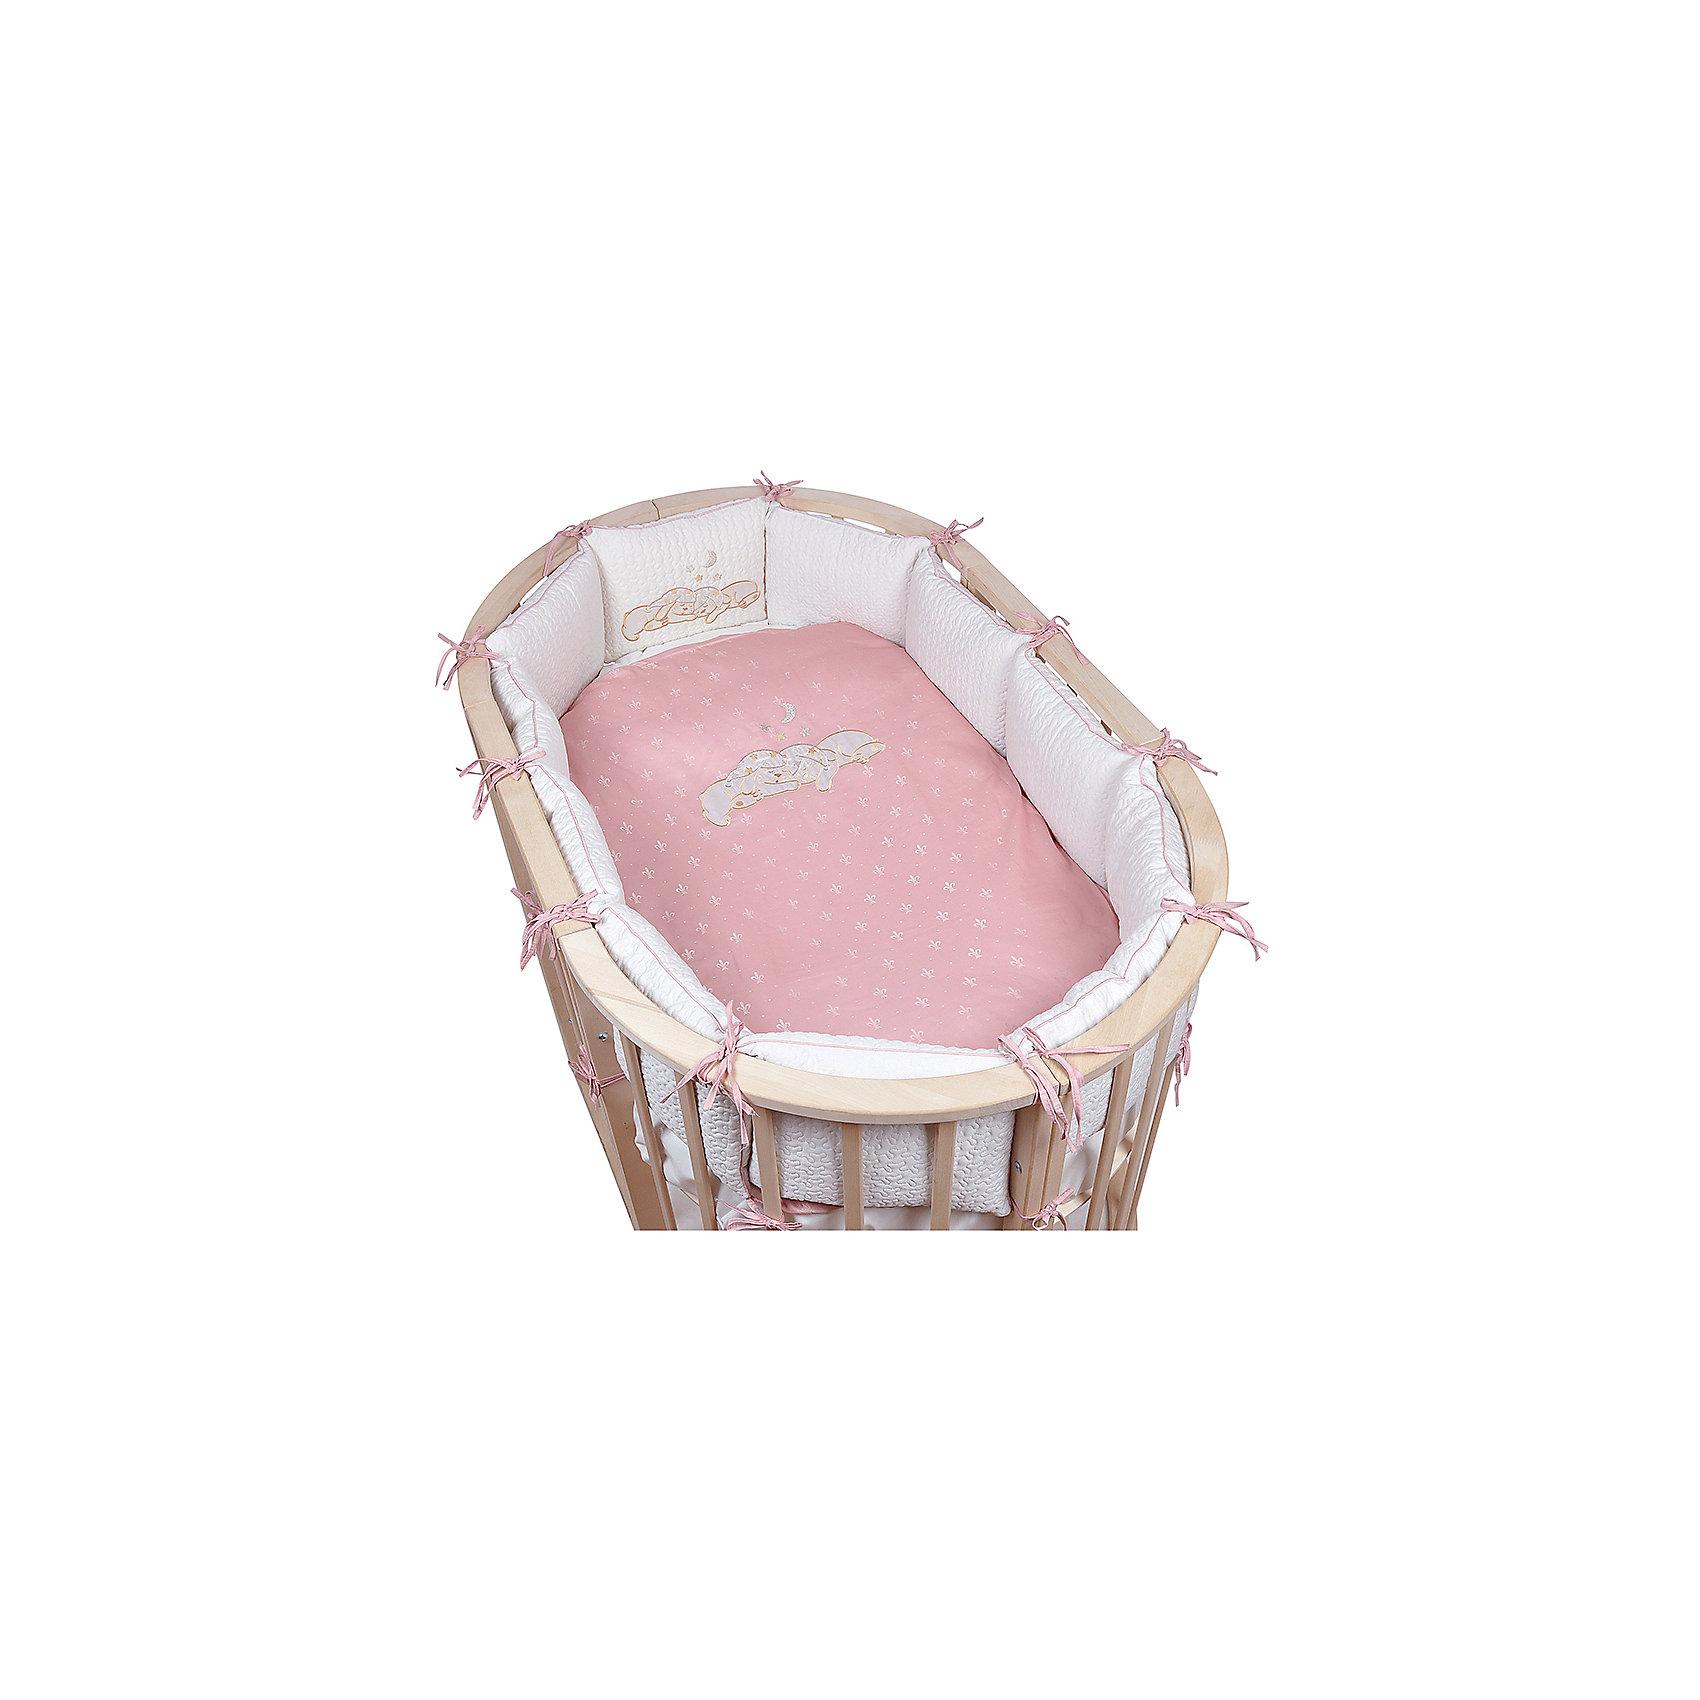 Постельное белье для овальной кроватки Звездочка, 6 пред., Pituso, розовыйПостельное бельё<br>Характеристики товара:<br><br>• возраст с рождения;<br>• материал: бязь, хлопок;<br>• бортик в кроватку из 4 частей 120х60 см<br>• пододеяльник 147х112 см<br>• наволочка 60х40 см<br>• простыня на резинке 100х150 см, одеяло 140х110 см, подушка 60х40 см;<br>• размер упаковки 59х45х28 см;<br>• вес упаковки 3,6 кг;<br>• страна производитель: Россия.<br><br>Постельное белье для овальной кроватки Звездочка Pituso розовое обеспечит крохе уют и спокойный сон. Наполнитель является экологическим и безопасным для детей, он пропускает воздух, не вызывает аллергических реакций, в нем не заводятся вредные микроорганизмы. Изготовлен комплект из натурального мягкого хлопка, который легко стирается, не теряет цвет.<br><br>Постельное белье для овальной кроватки Звездочка Pituso розовое 6 предметов можно приобрести в нашем интернет-магазине.<br><br>Ширина мм: 590<br>Глубина мм: 450<br>Высота мм: 280<br>Вес г: 3600<br>Возраст от месяцев: 0<br>Возраст до месяцев: 36<br>Пол: Унисекс<br>Возраст: Детский<br>SKU: 5563664